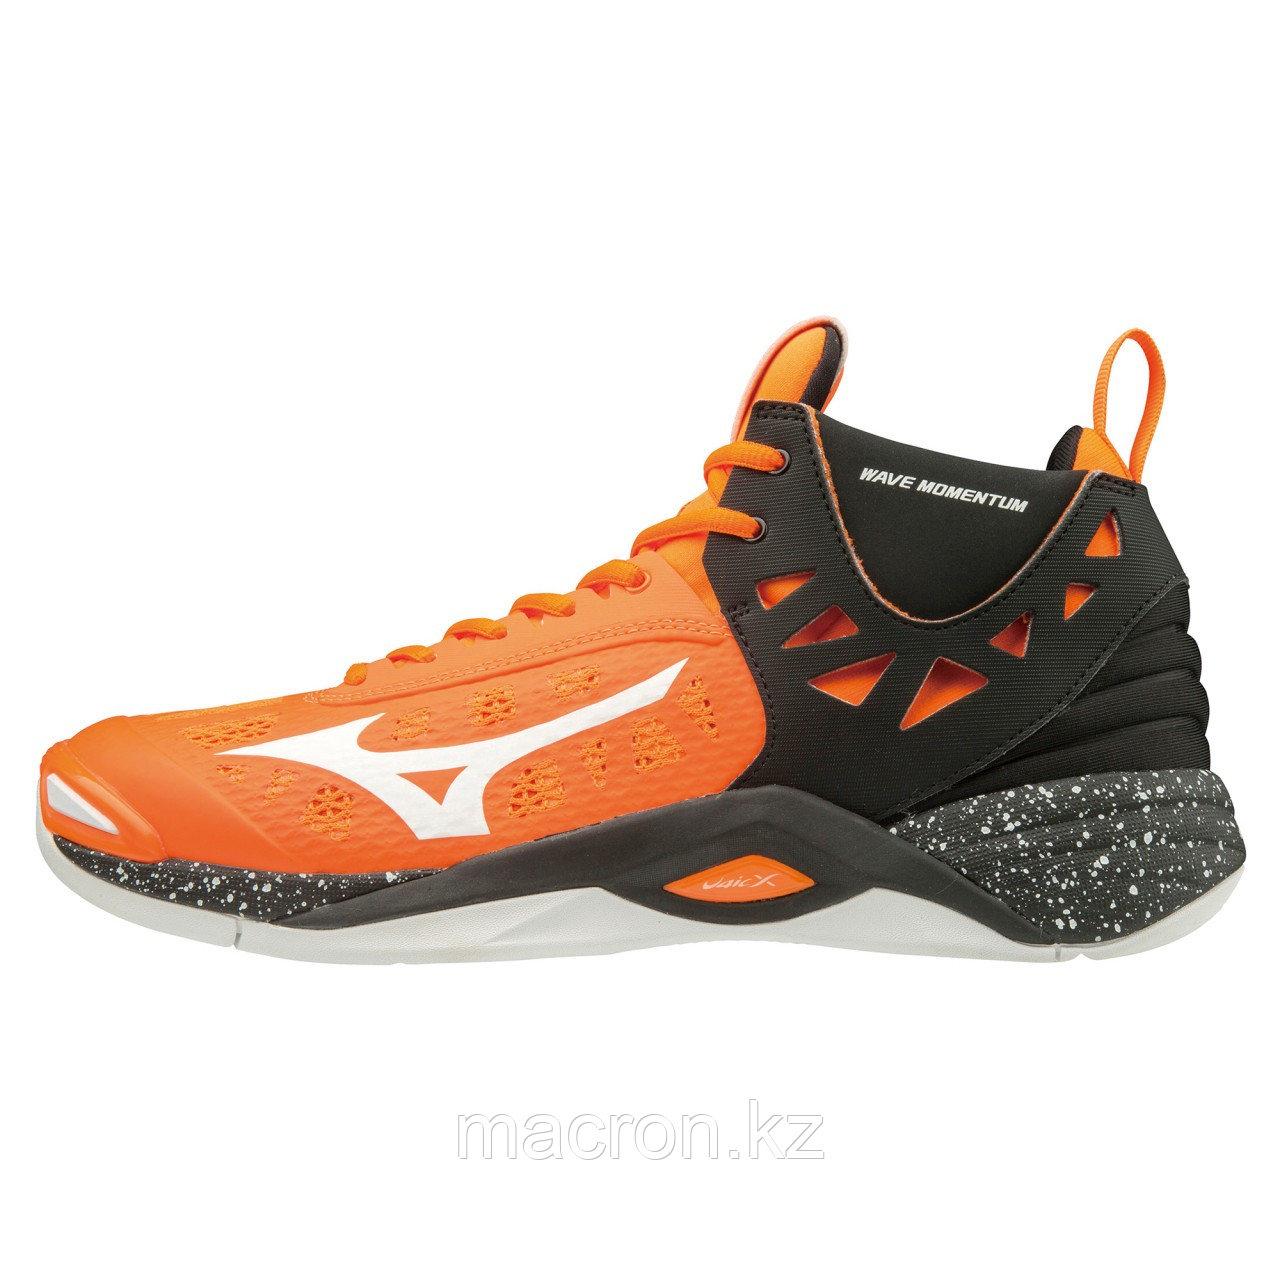 Волейбольные кроссовки MIZUNO WAVE MOMENTUM MID